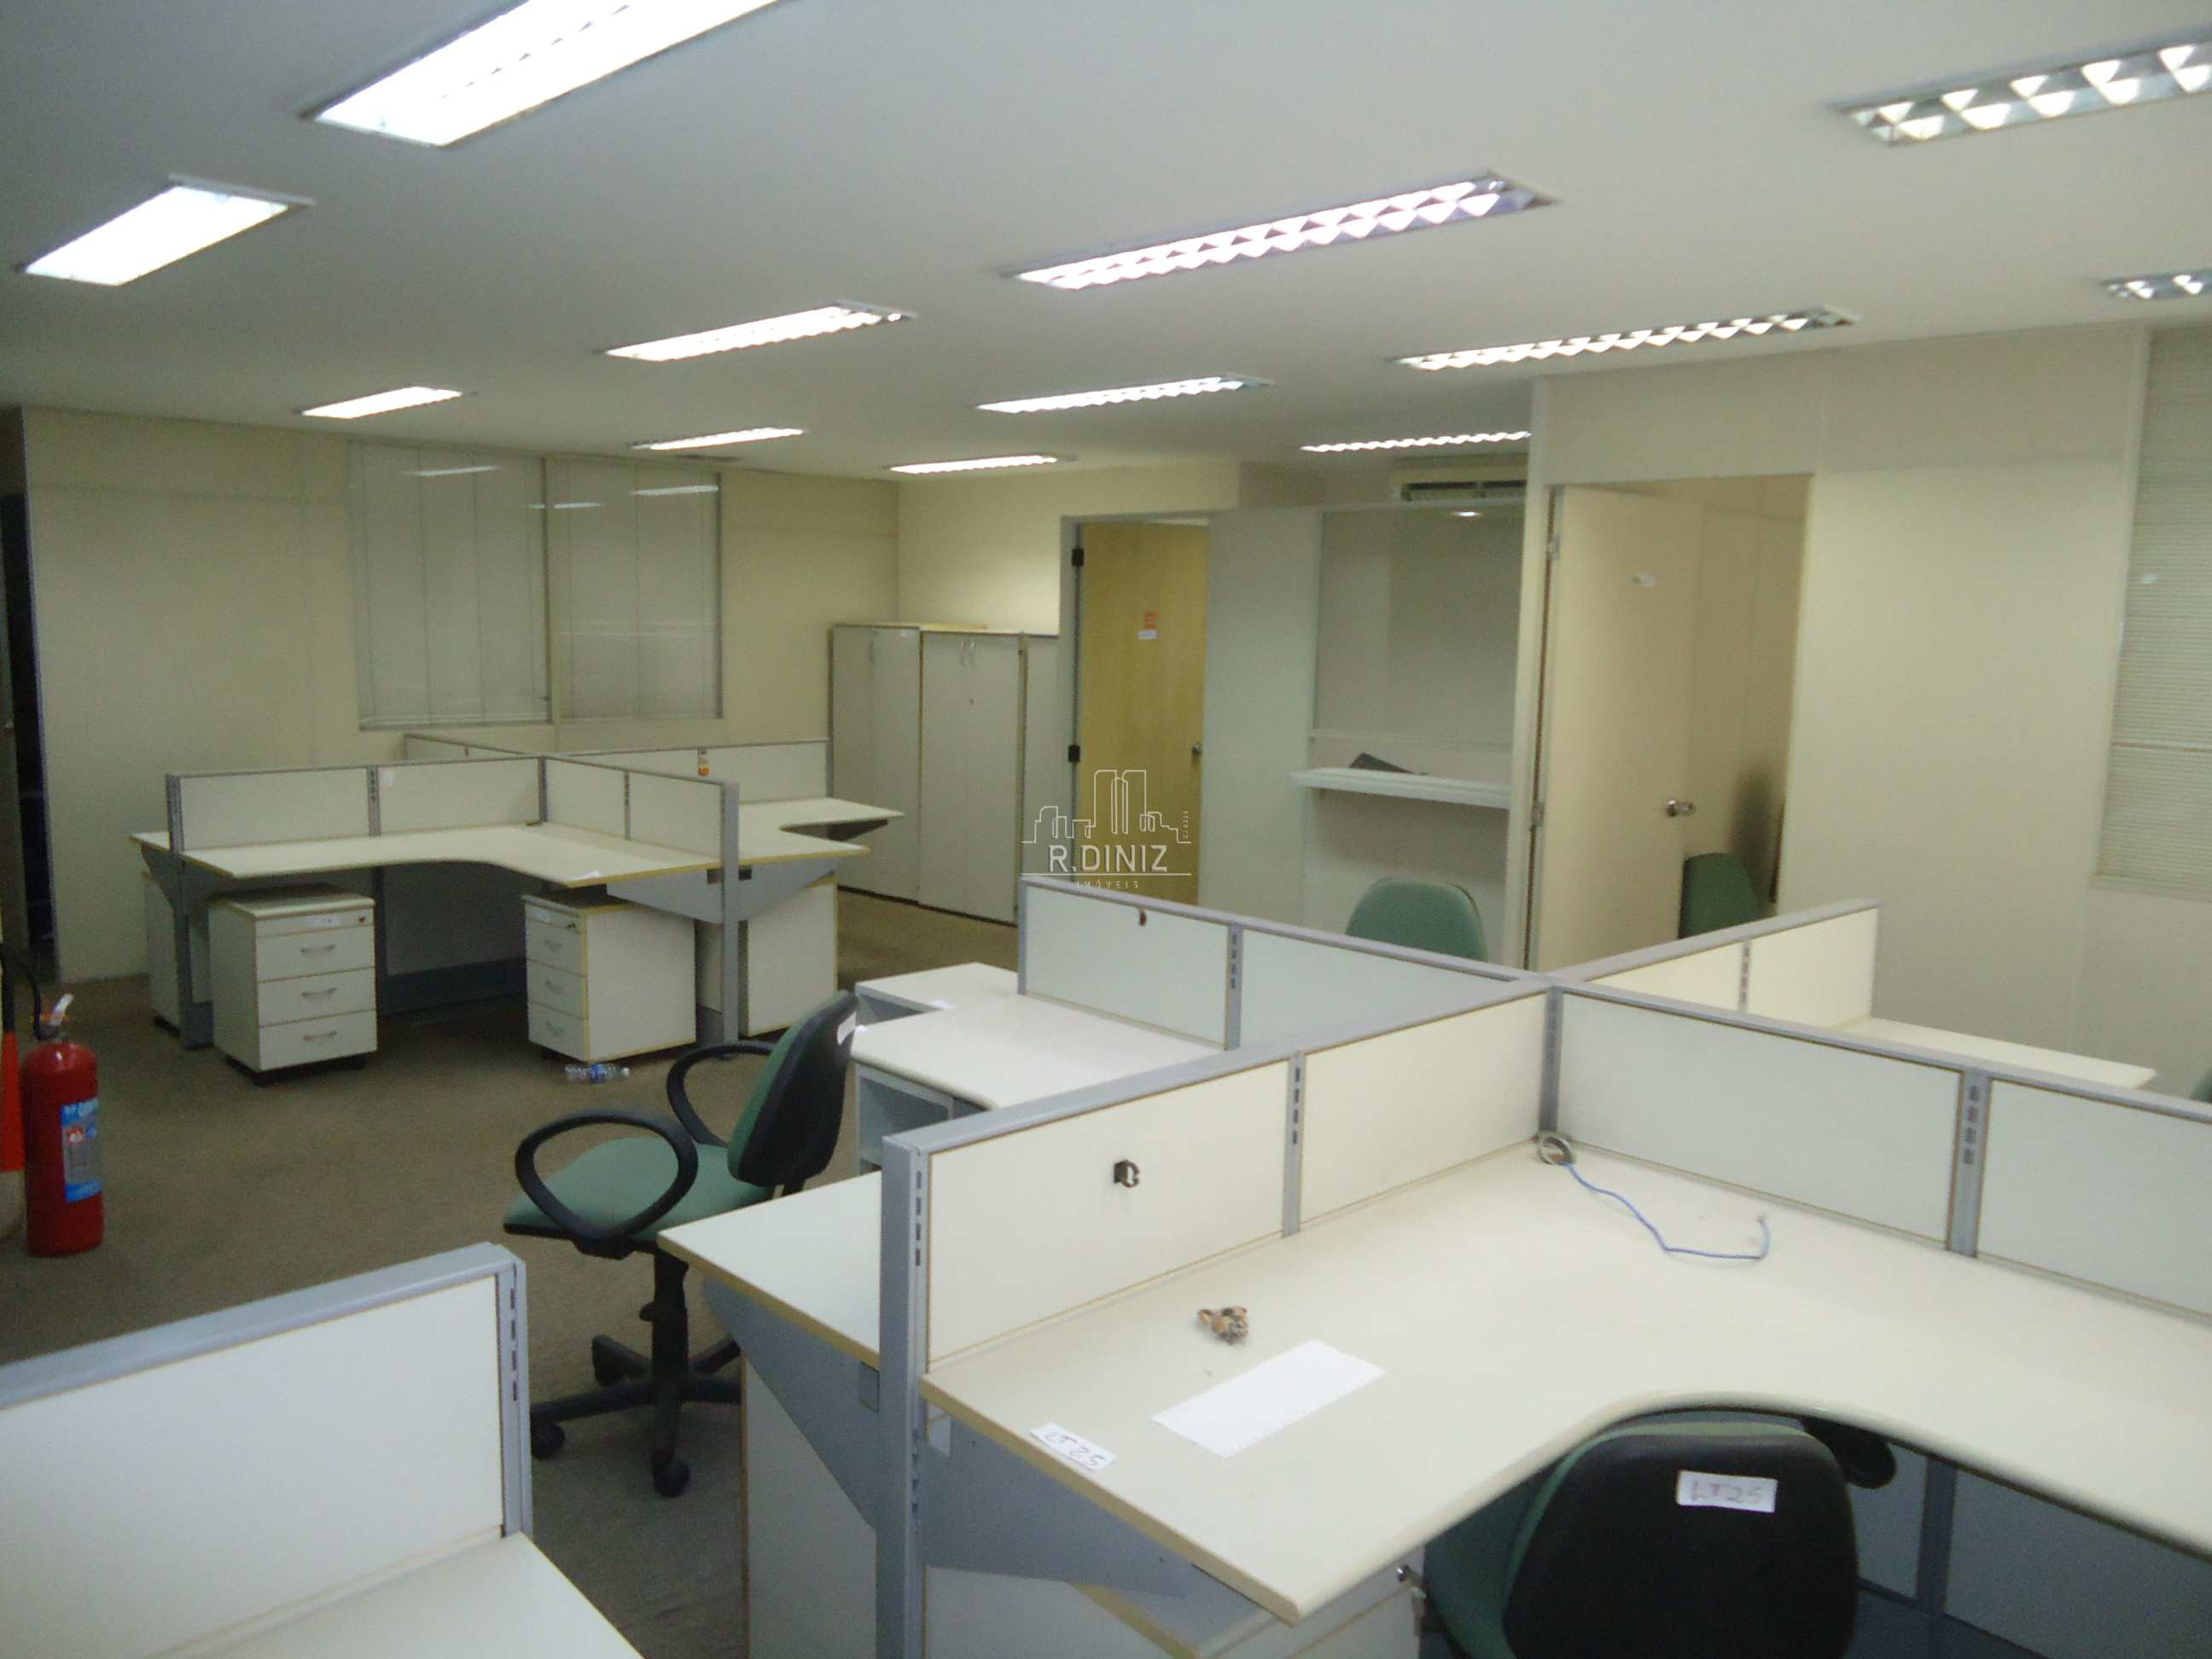 Centro, Cinelândia, Rua Senador Dantas, Andar corporativo, Aluguel, Rio de Janeiro, RJ - im011307 - 34